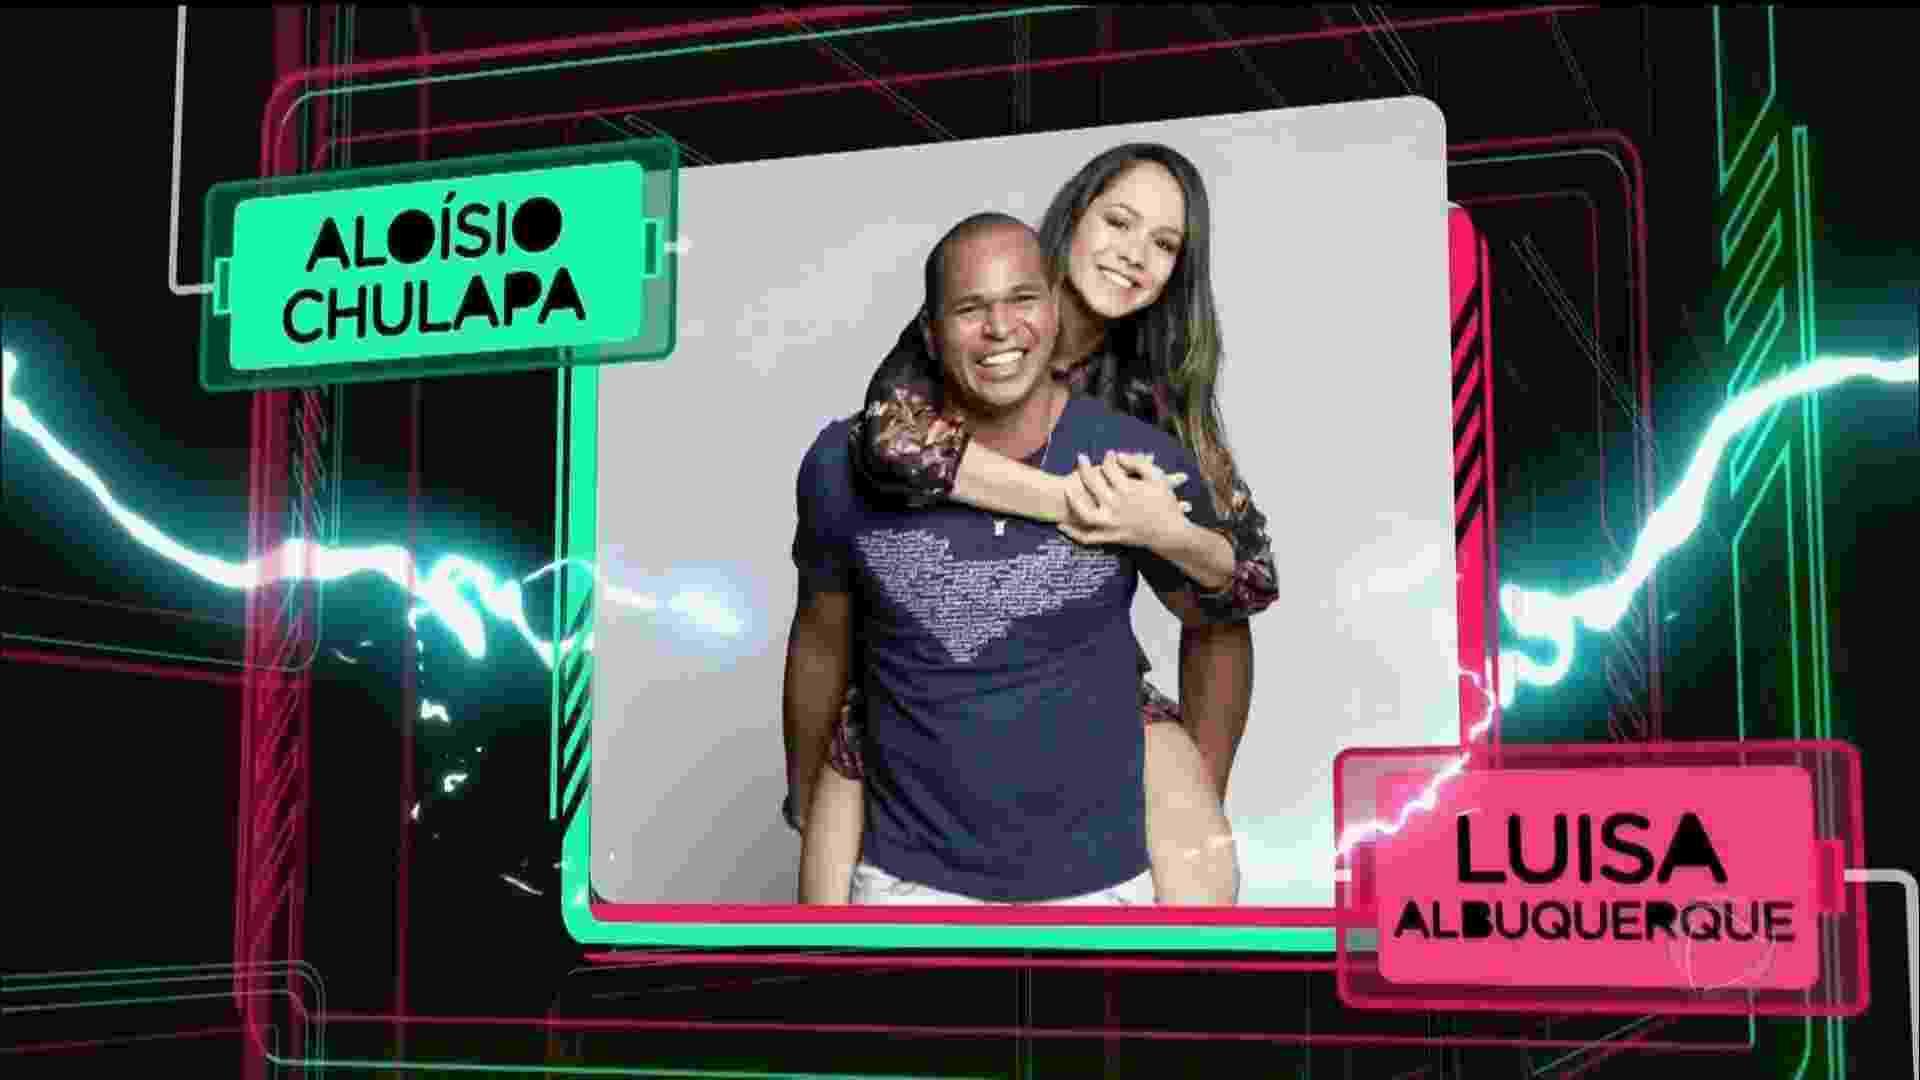 O ex-jogador Aloísio Chulapa e a mulher, a farmacêutica Luisa Albuquerque - Reprodução/Record